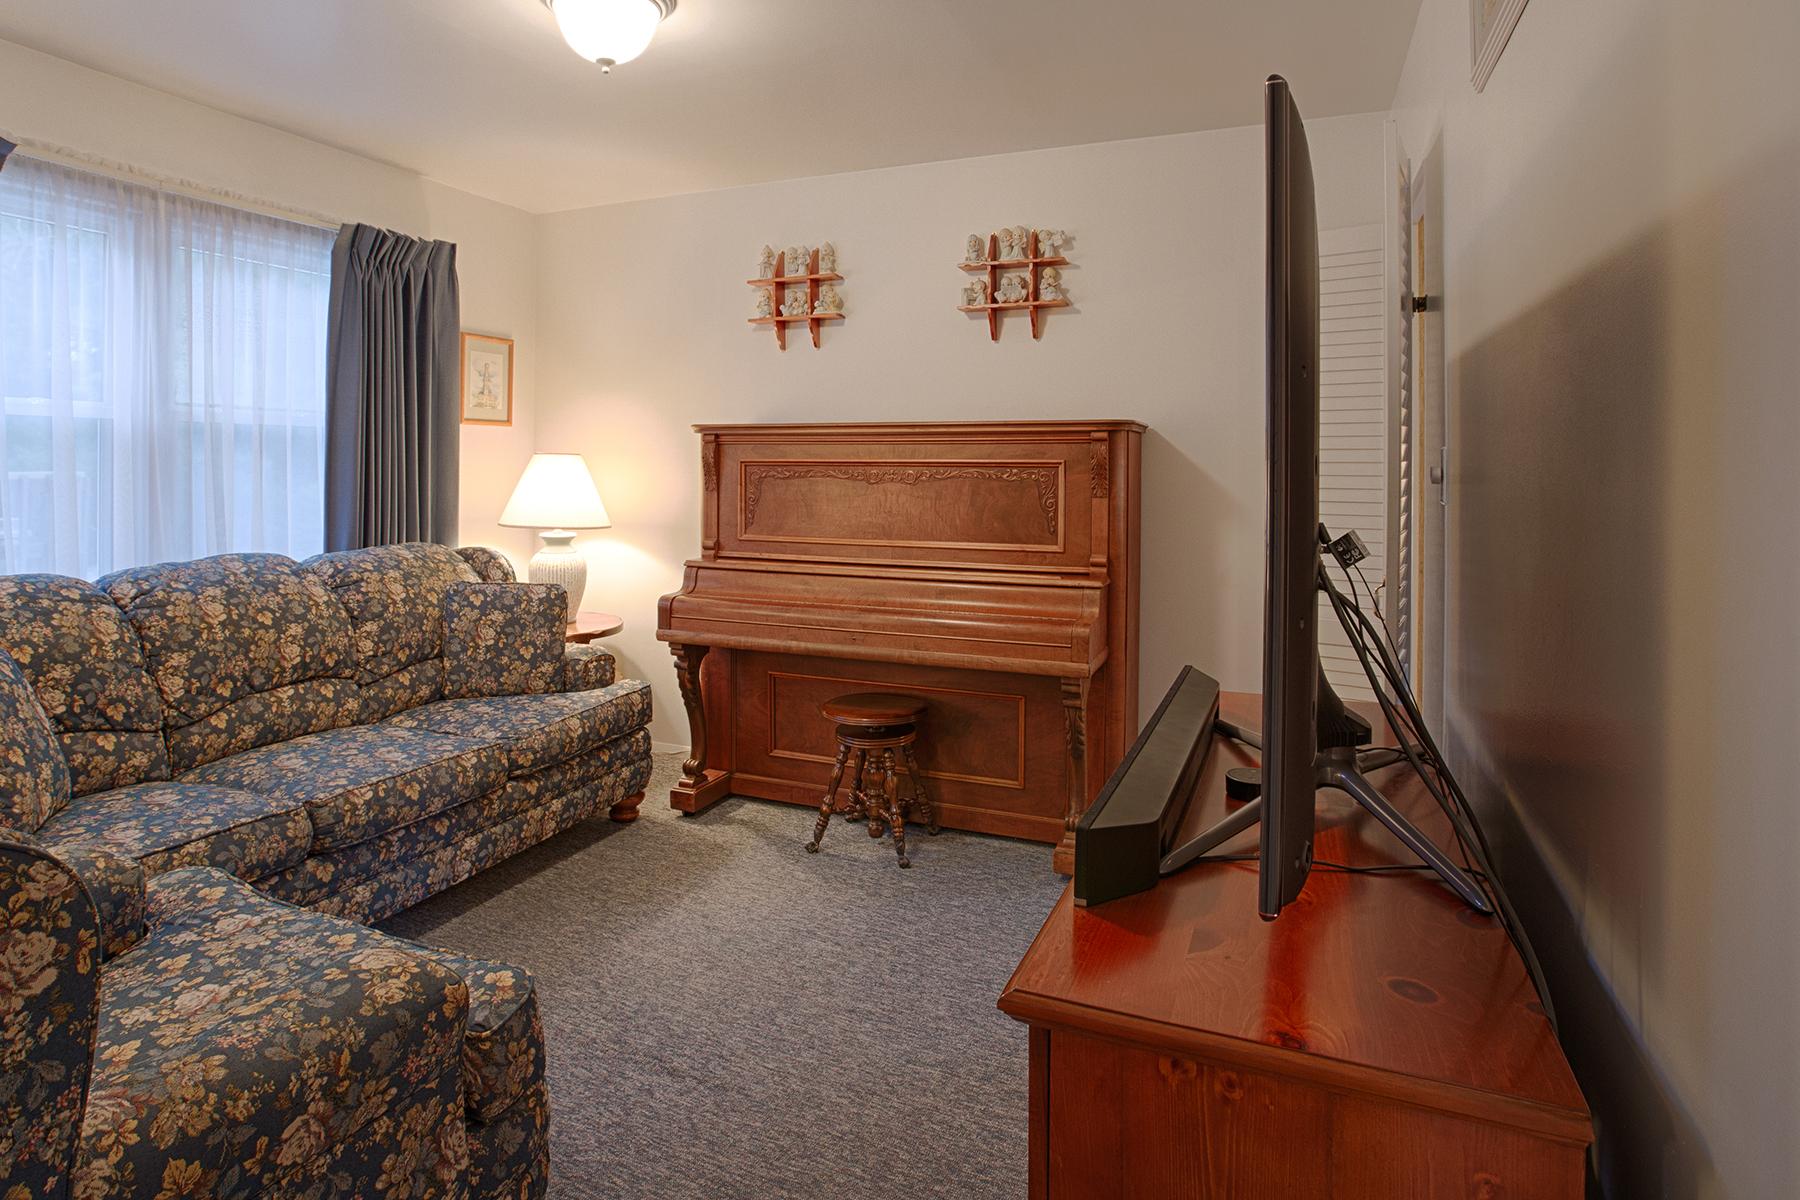 012 EAP Maria Barr 10 Lexington Rd Saratoga Springs crest 04.jpg